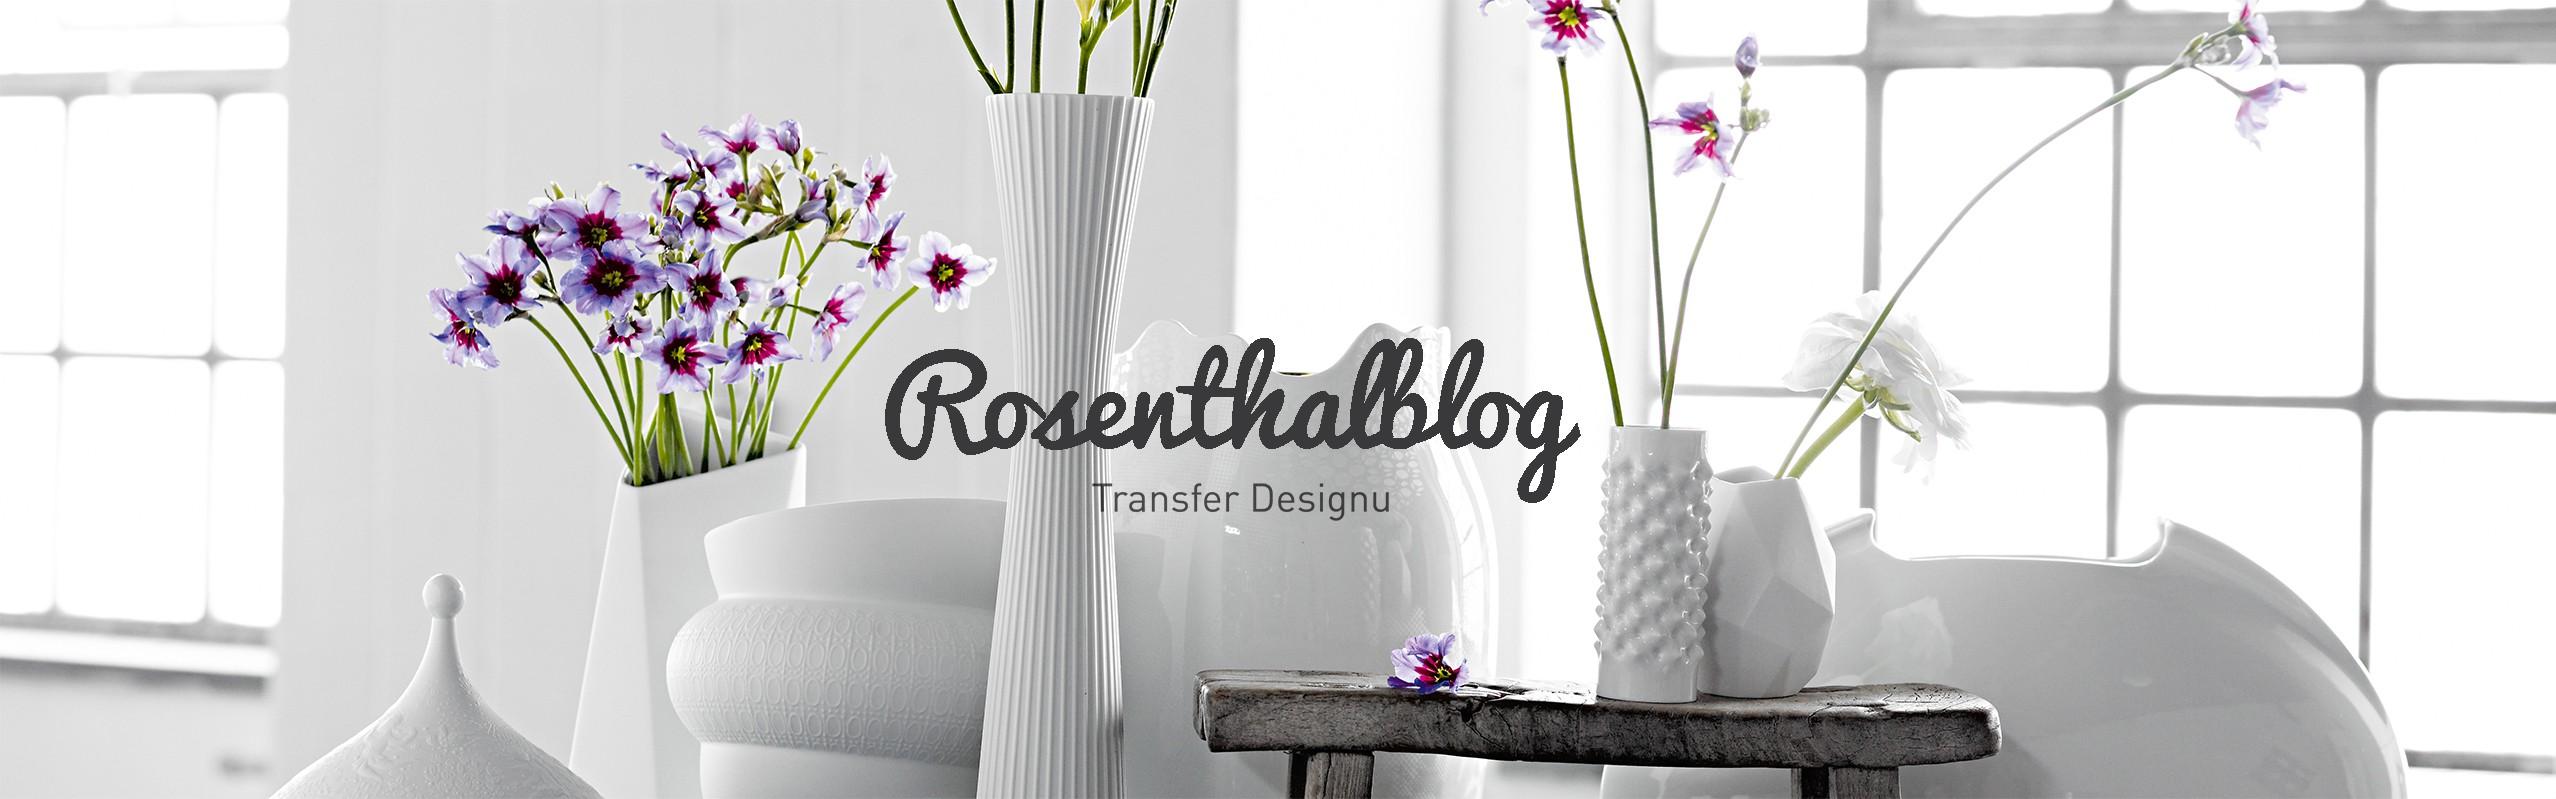 Rosenthal blog.